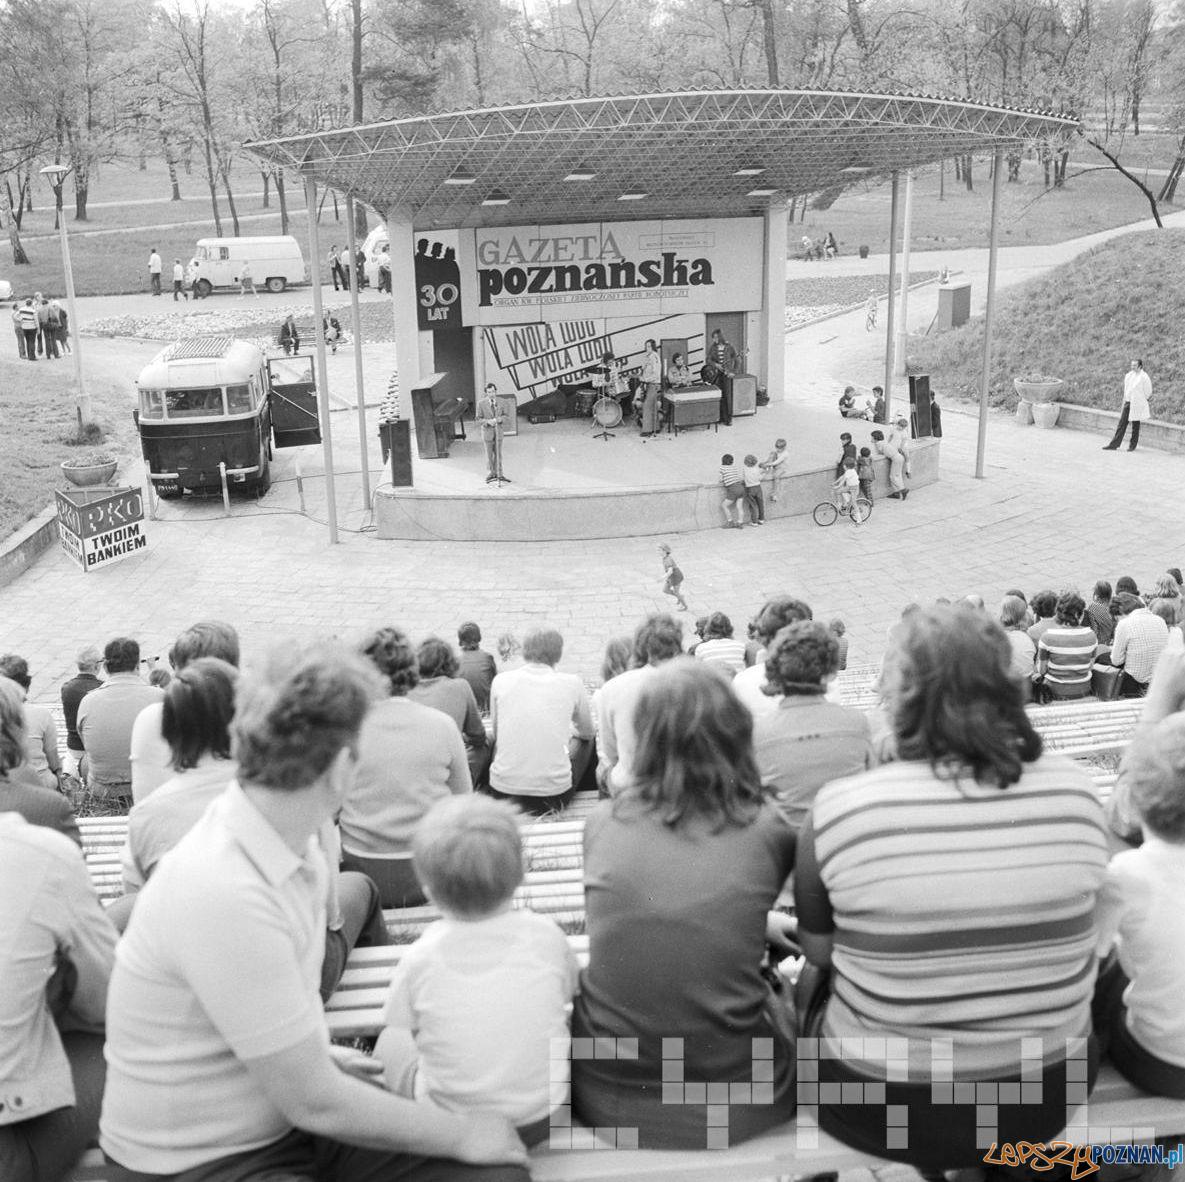 Amfiteatr Park Tysiaclecia - 30 lat Gazeta Poznanska 10.05.75  Foto: Stanisław Wiktor / Cyryl